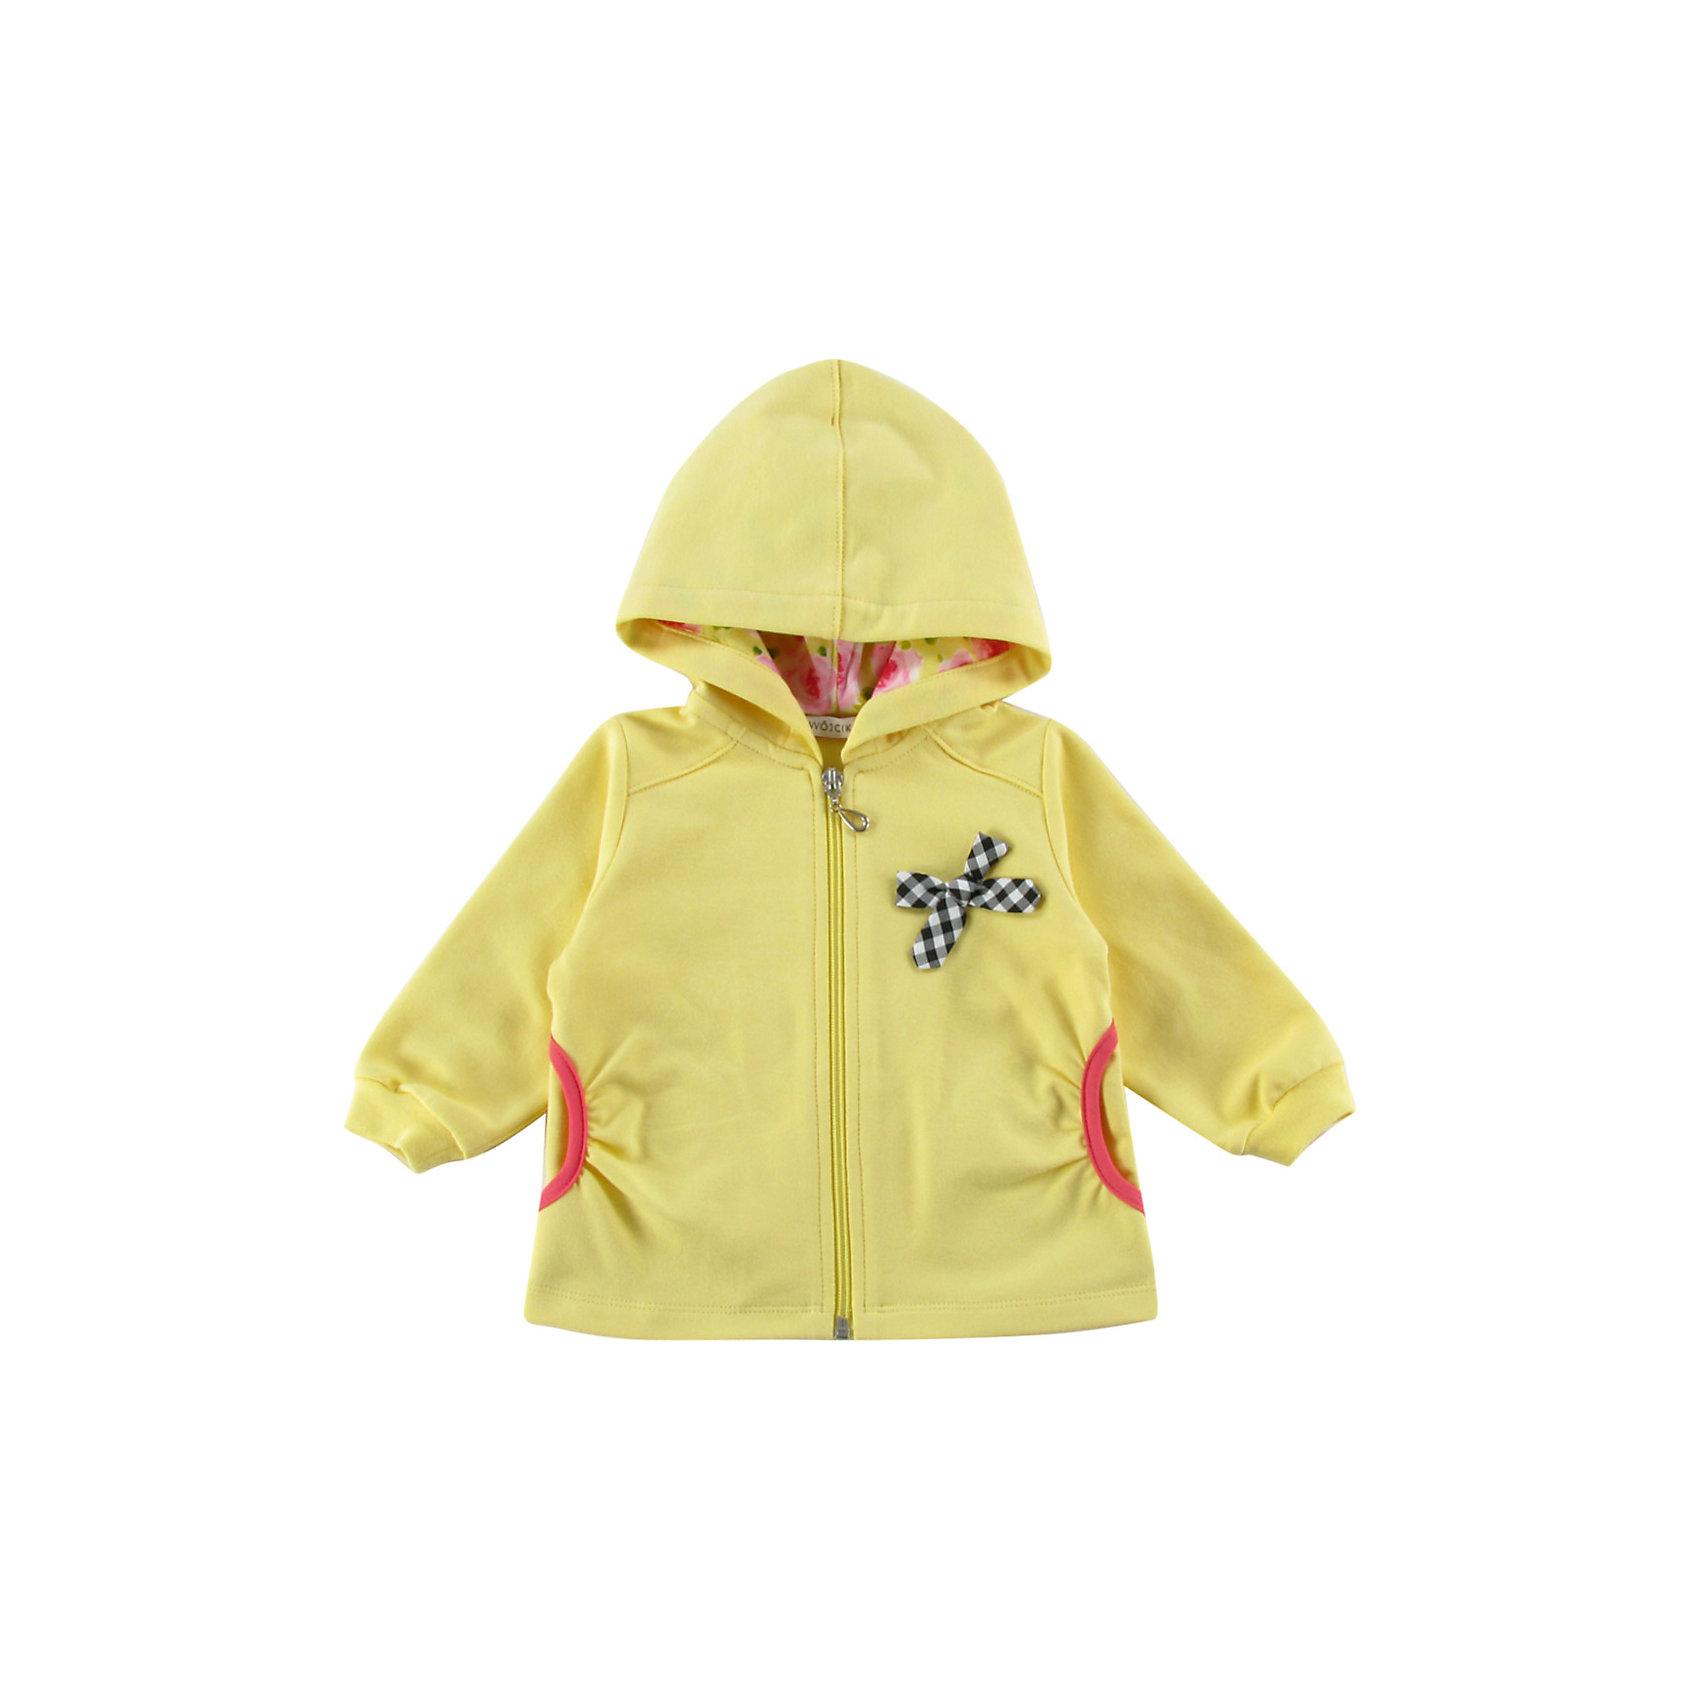 Толстовка для девочки WojcikТолстовки<br>Характеристики товара:<br><br>• цвет: желтый<br>• состав ткани: хлопок, эластан<br>• длинные рукава<br>• капюшон<br>• застежка: молния<br>• сезон: круглый год<br>• страна бренда: Польша<br>• страна изготовитель: Польша<br><br>Польская одежда для детей от бренда Войчик - это качественные и стильные вещи. Желтая толстовка для девочки Войчик отличается модным кроем и актуальным в этом сезоне цветом. <br><br>Эта модель одежды для детей сделана из качественного материала с преобладание дышащего натурального хлопка в составе. Толстовка дополнена удобным капюшоном.<br><br>Толстовку для девочки Wojcik (Войчик) можно купить в нашем интернет-магазине.<br><br>Ширина мм: 190<br>Глубина мм: 74<br>Высота мм: 229<br>Вес г: 236<br>Цвет: желтый<br>Возраст от месяцев: 3<br>Возраст до месяцев: 6<br>Пол: Женский<br>Возраст: Детский<br>Размер: 68<br>SKU: 5588308